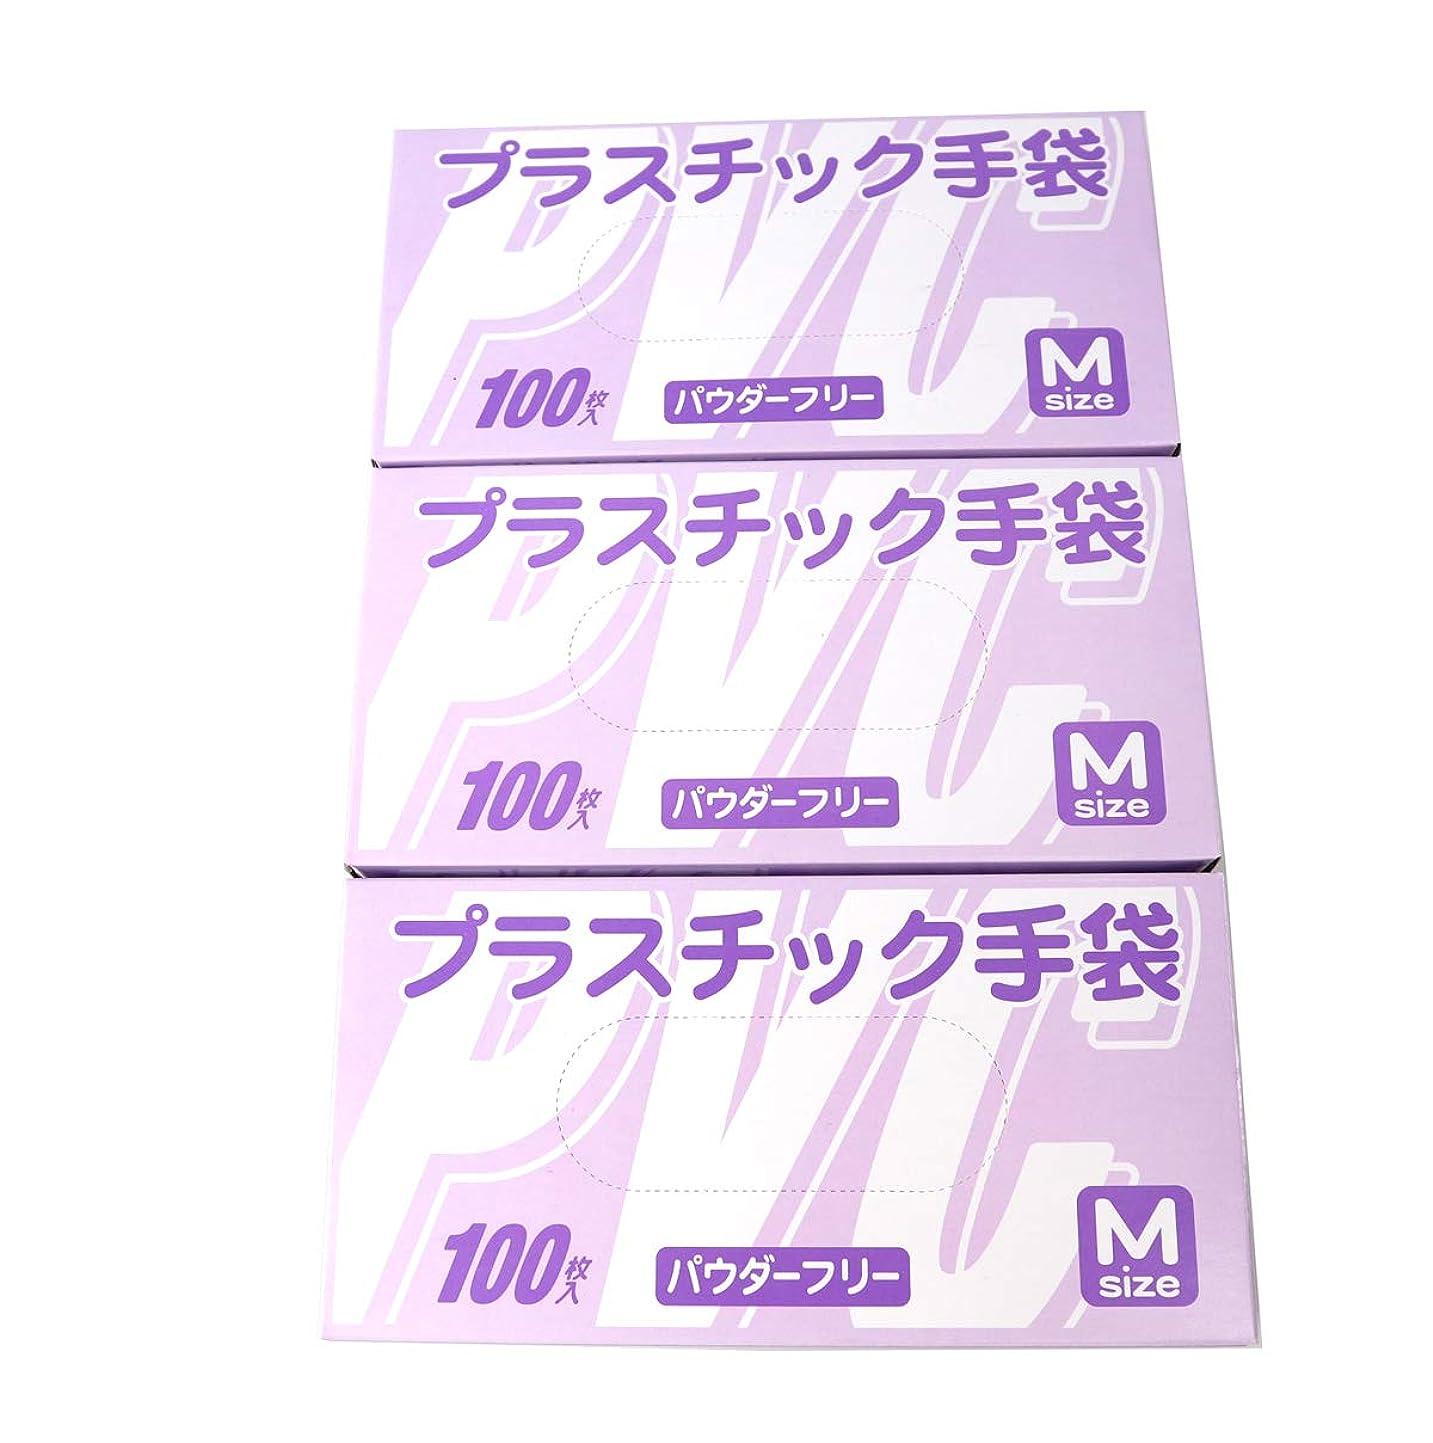 霧ファンド文【お得なセット商品】使い捨て手袋 プラスチックグローブ 粉なし Mサイズ 100枚入×3個セット 超薄手 100422